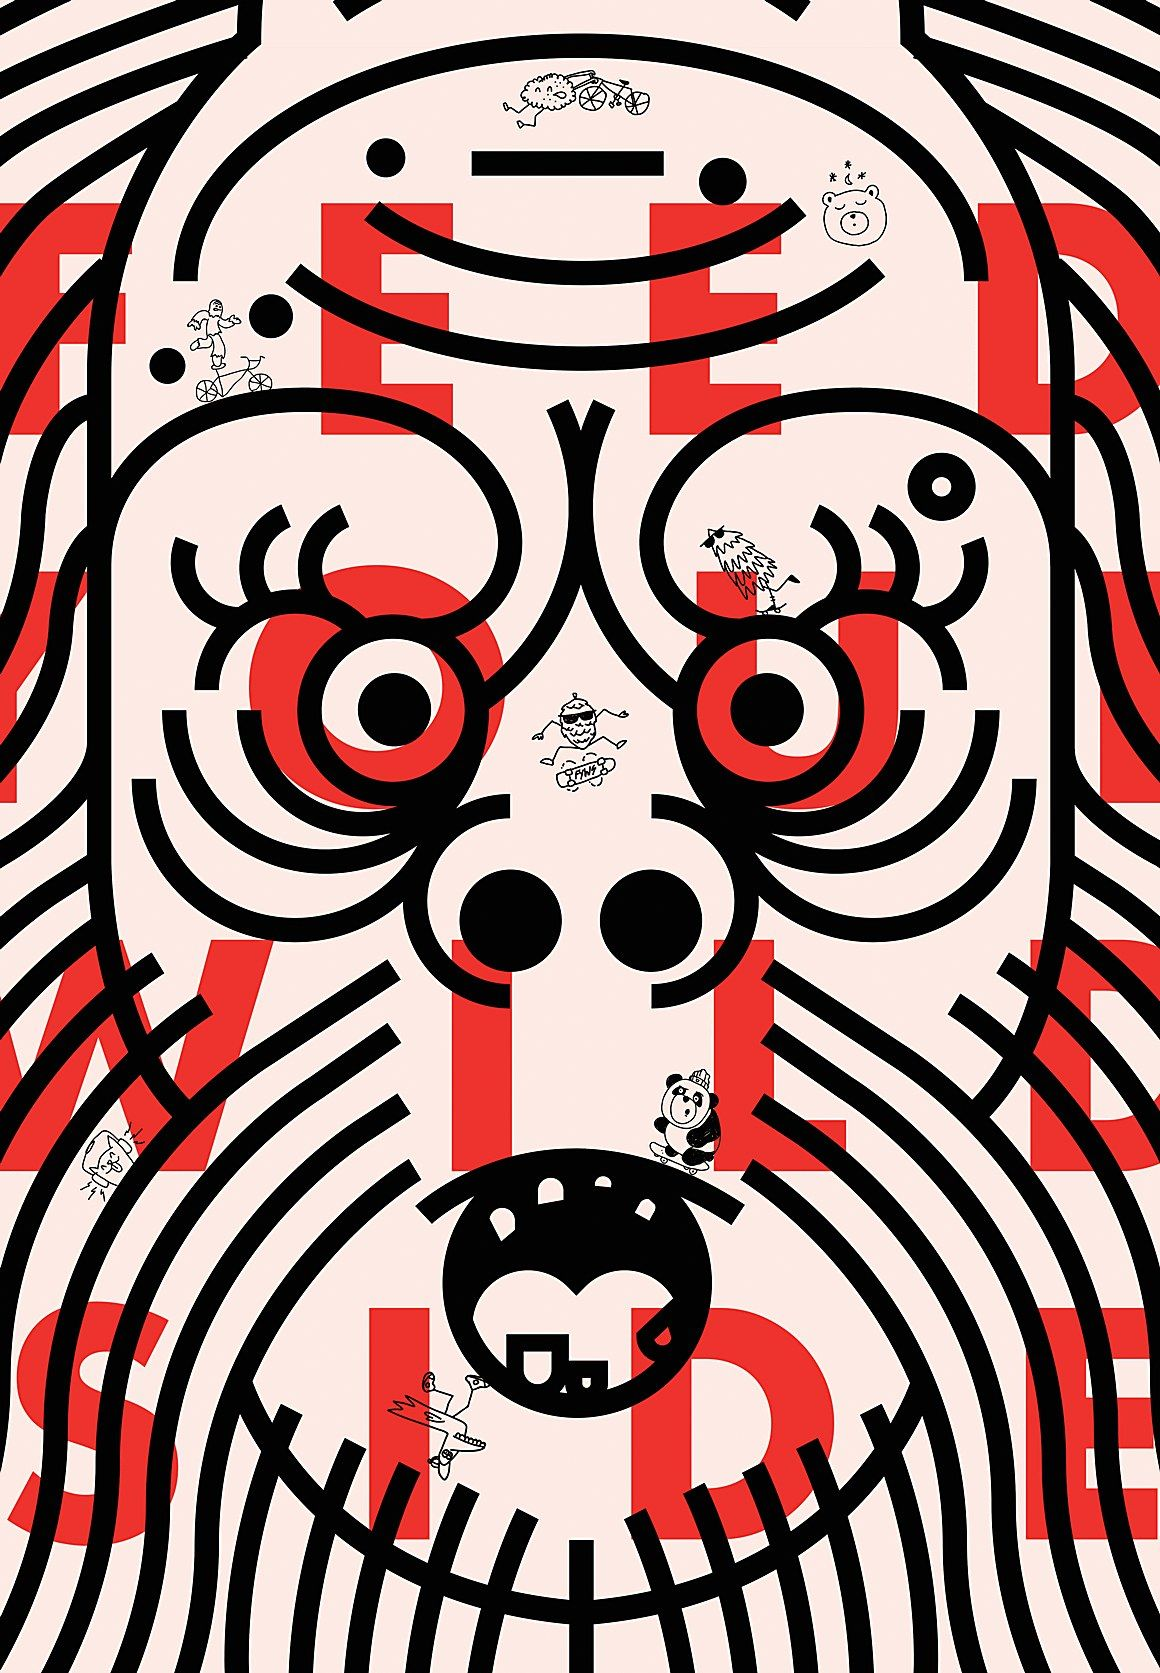 Jack Links TV commercial   Communication Arts  Jack Links Art